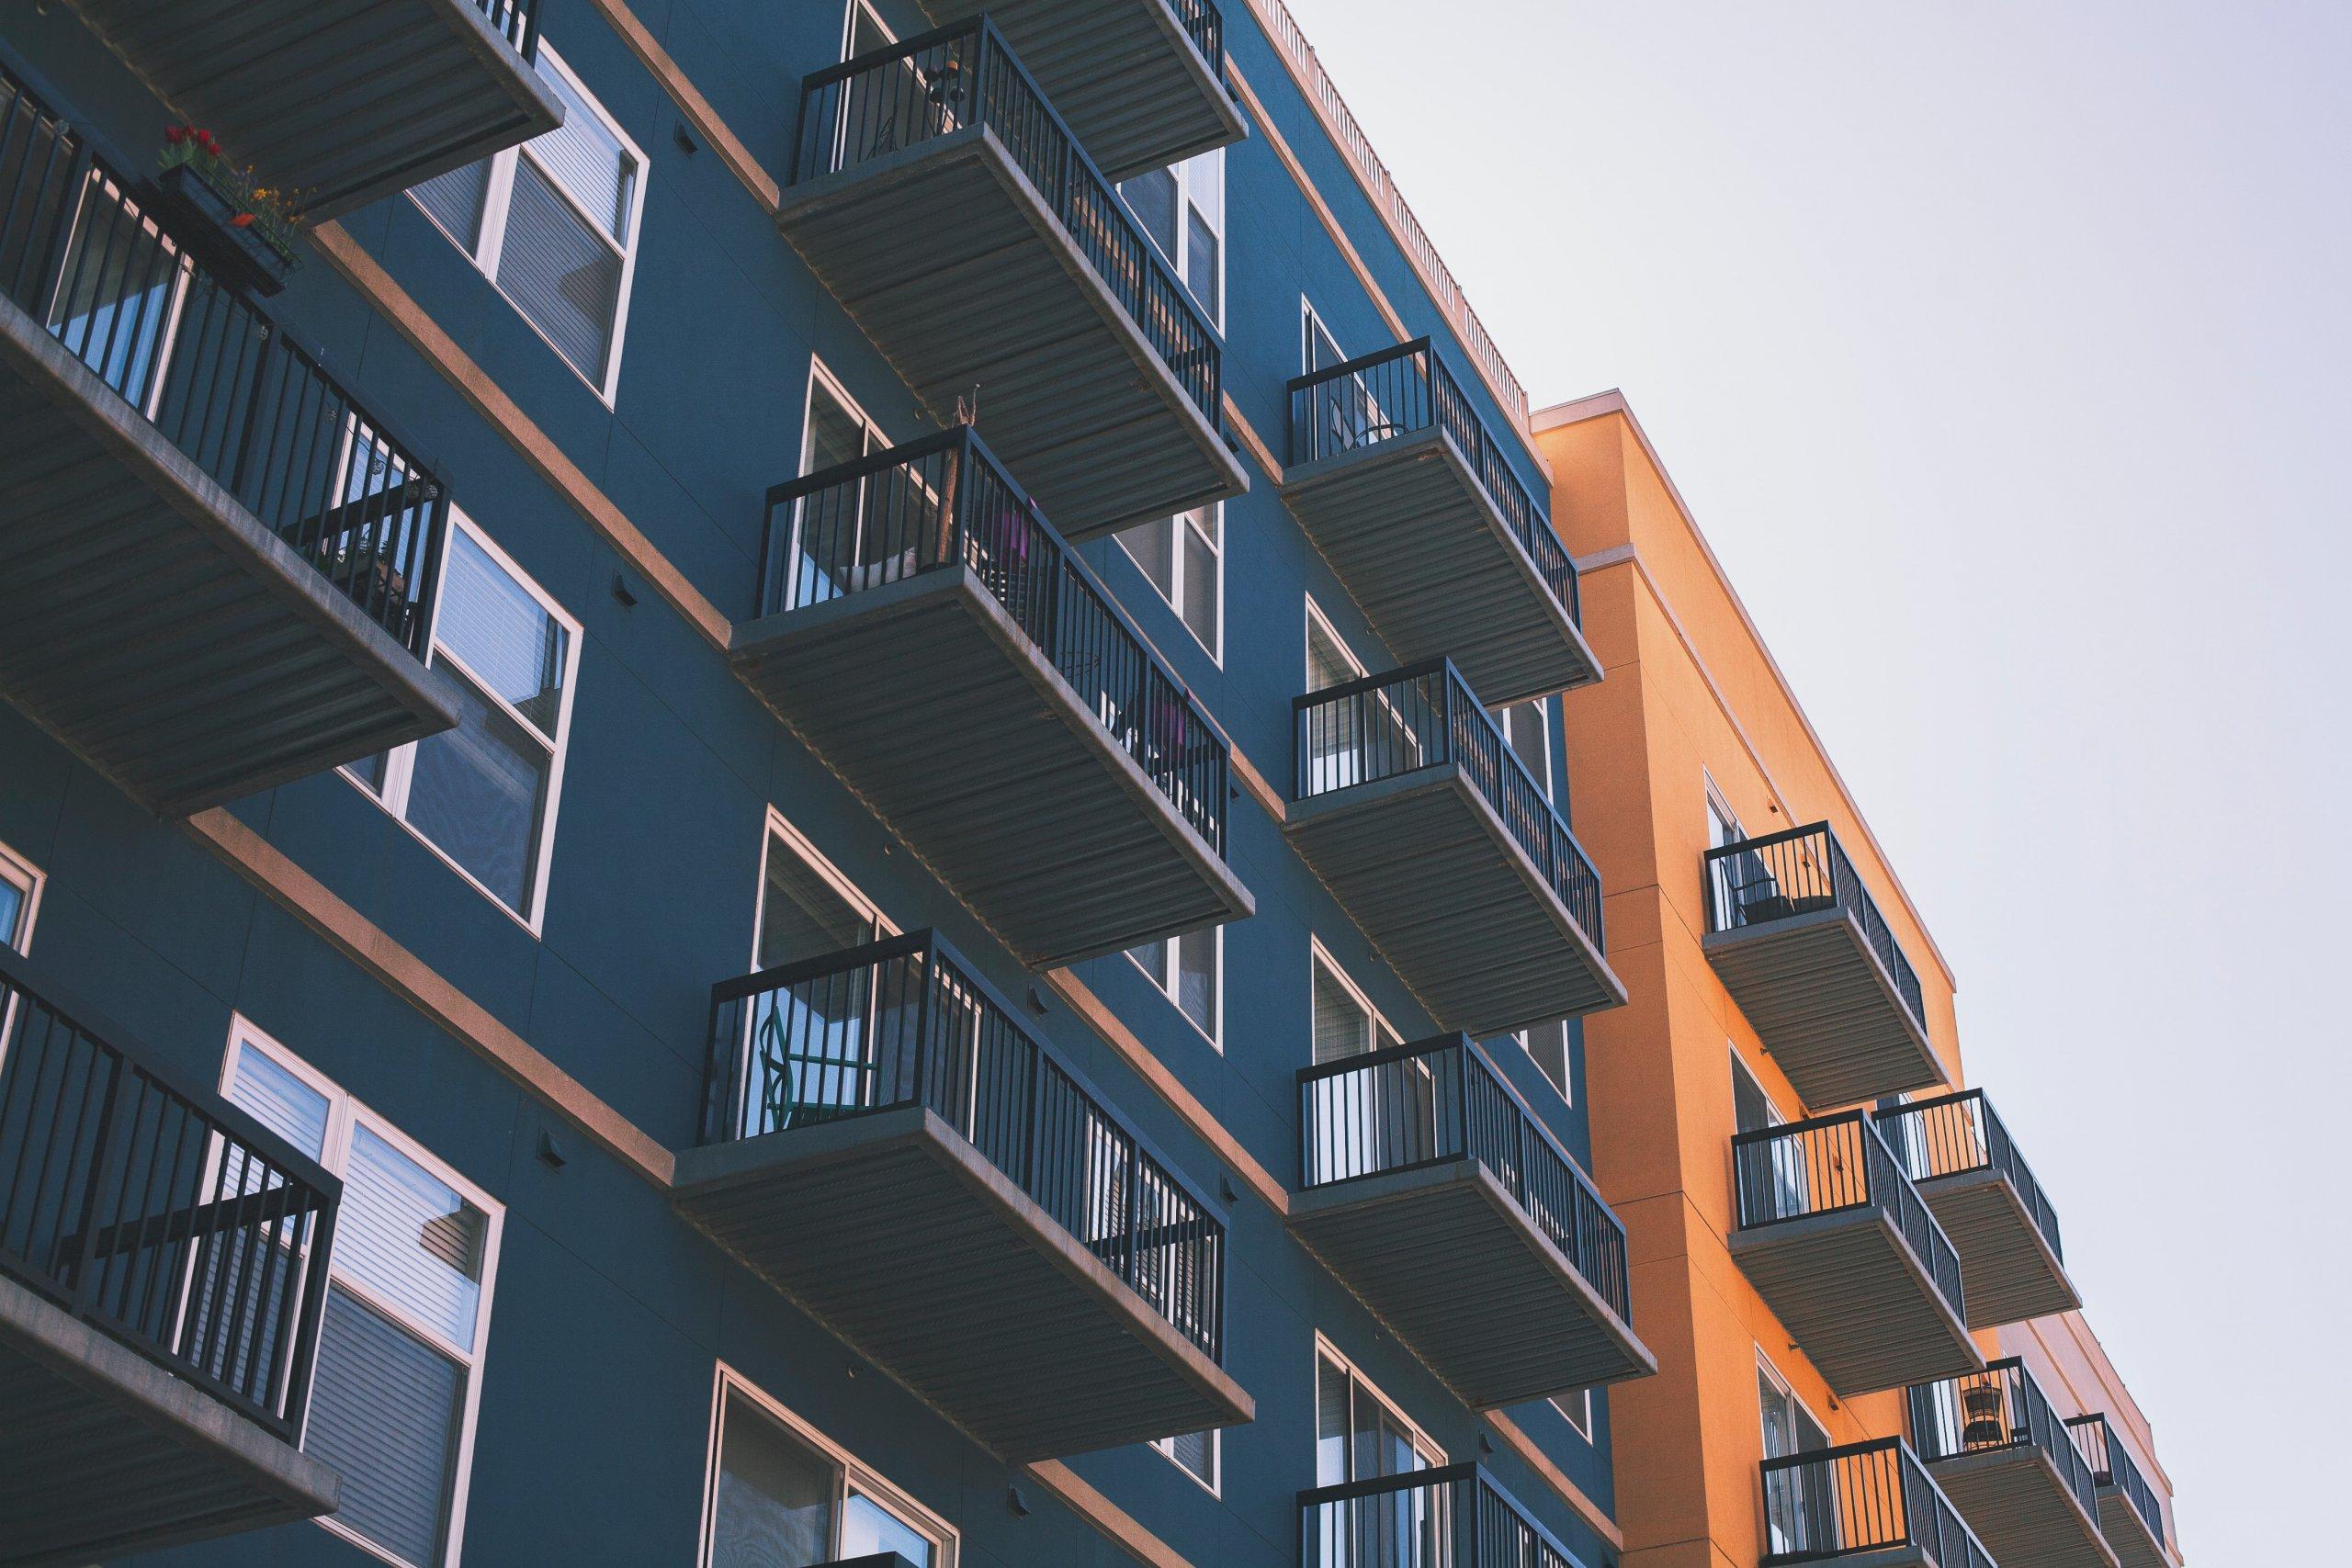 Cijene kvadrata novih stanova za 31,5% skuplje nego prije pet godina